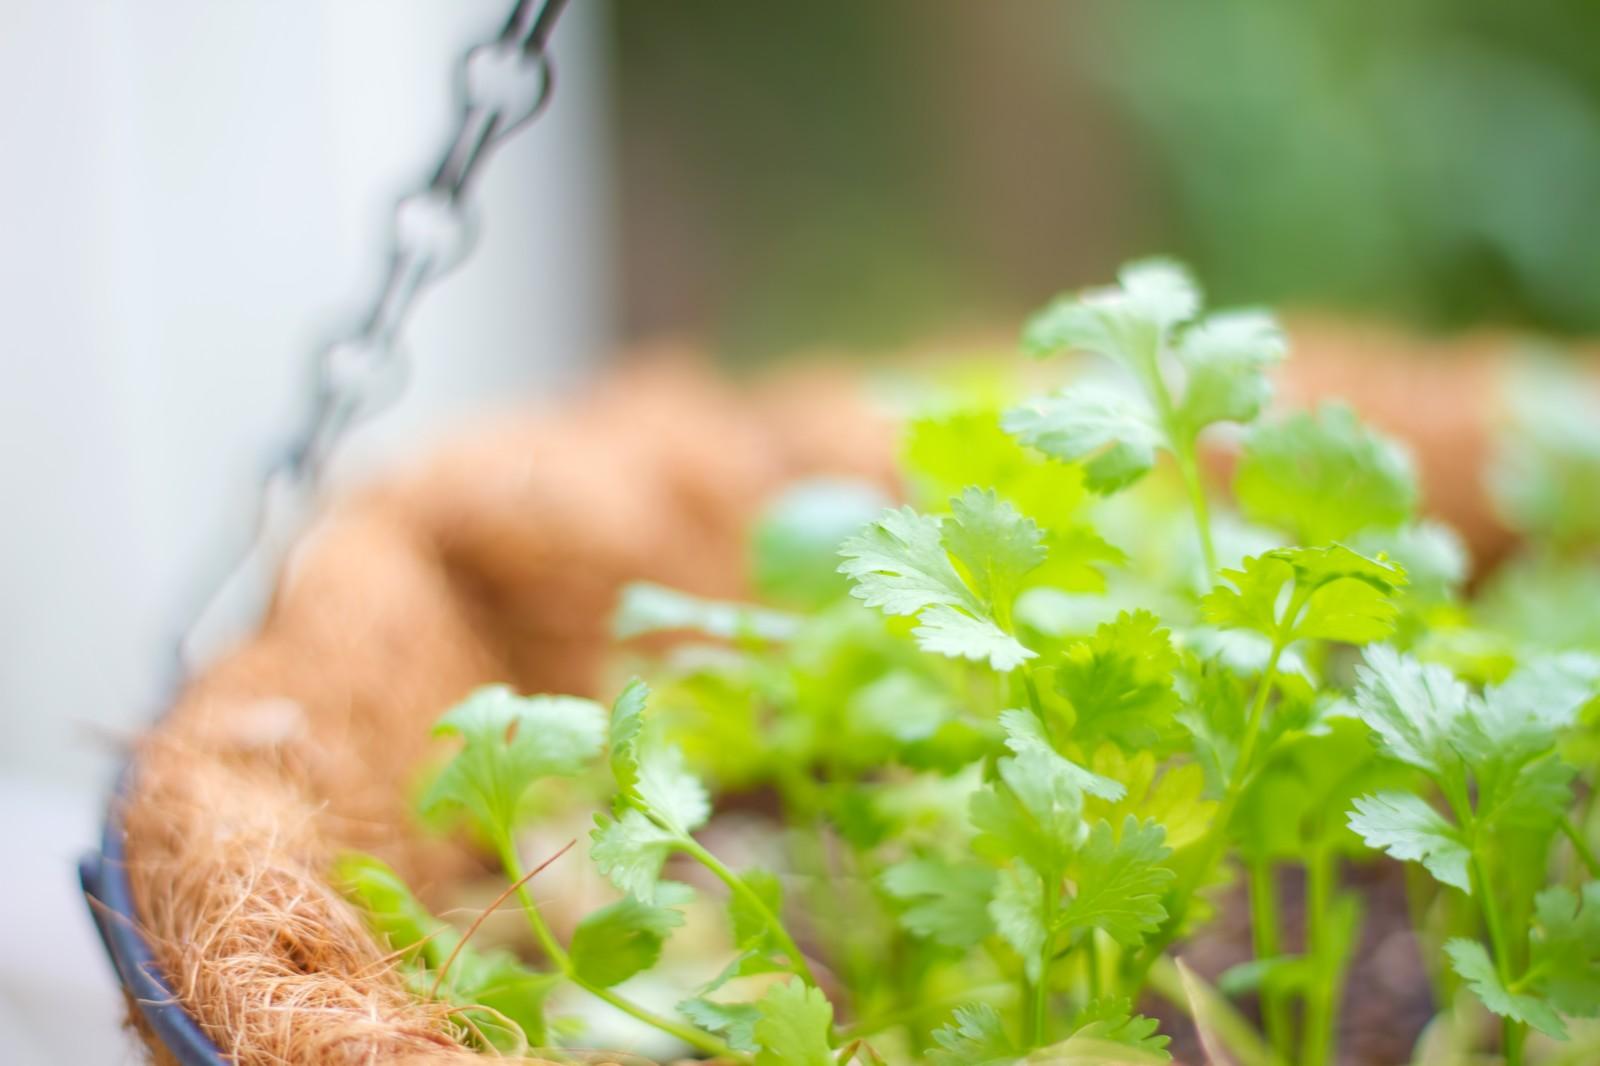 パクチーの栽培から収穫へ!5つの作業をご紹介